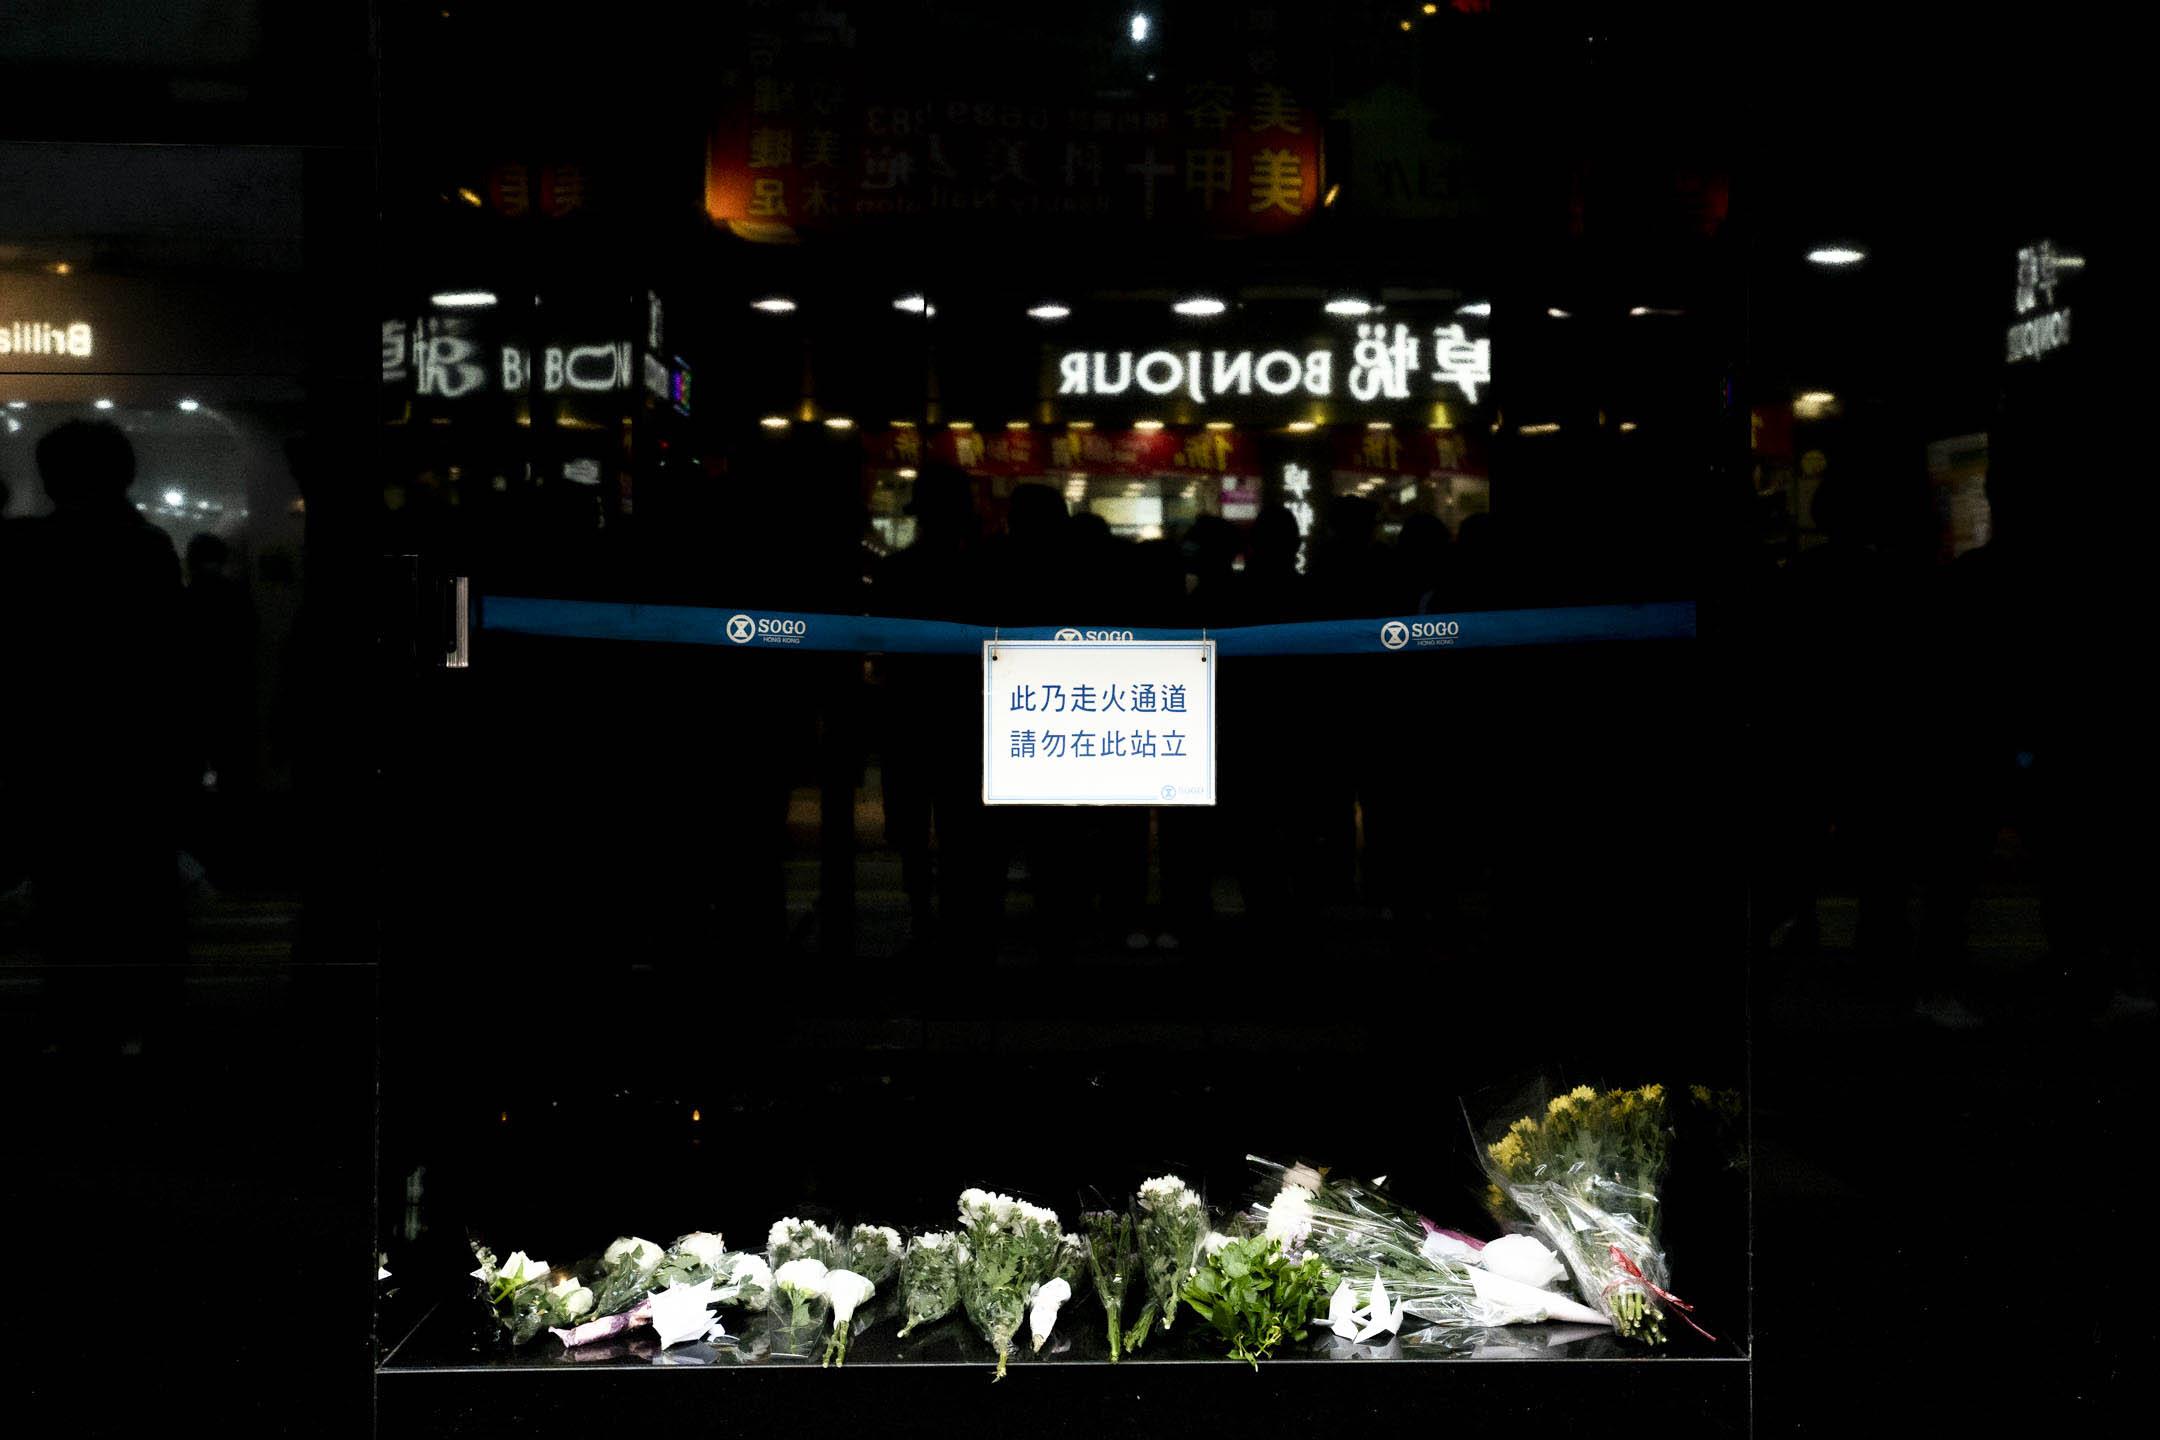 2021年7月2日香港銅鑼灣,市民送上鮮花悼念7月1日晚上,持刀刺傷一名警員後自殺身亡的男子梁健輝。